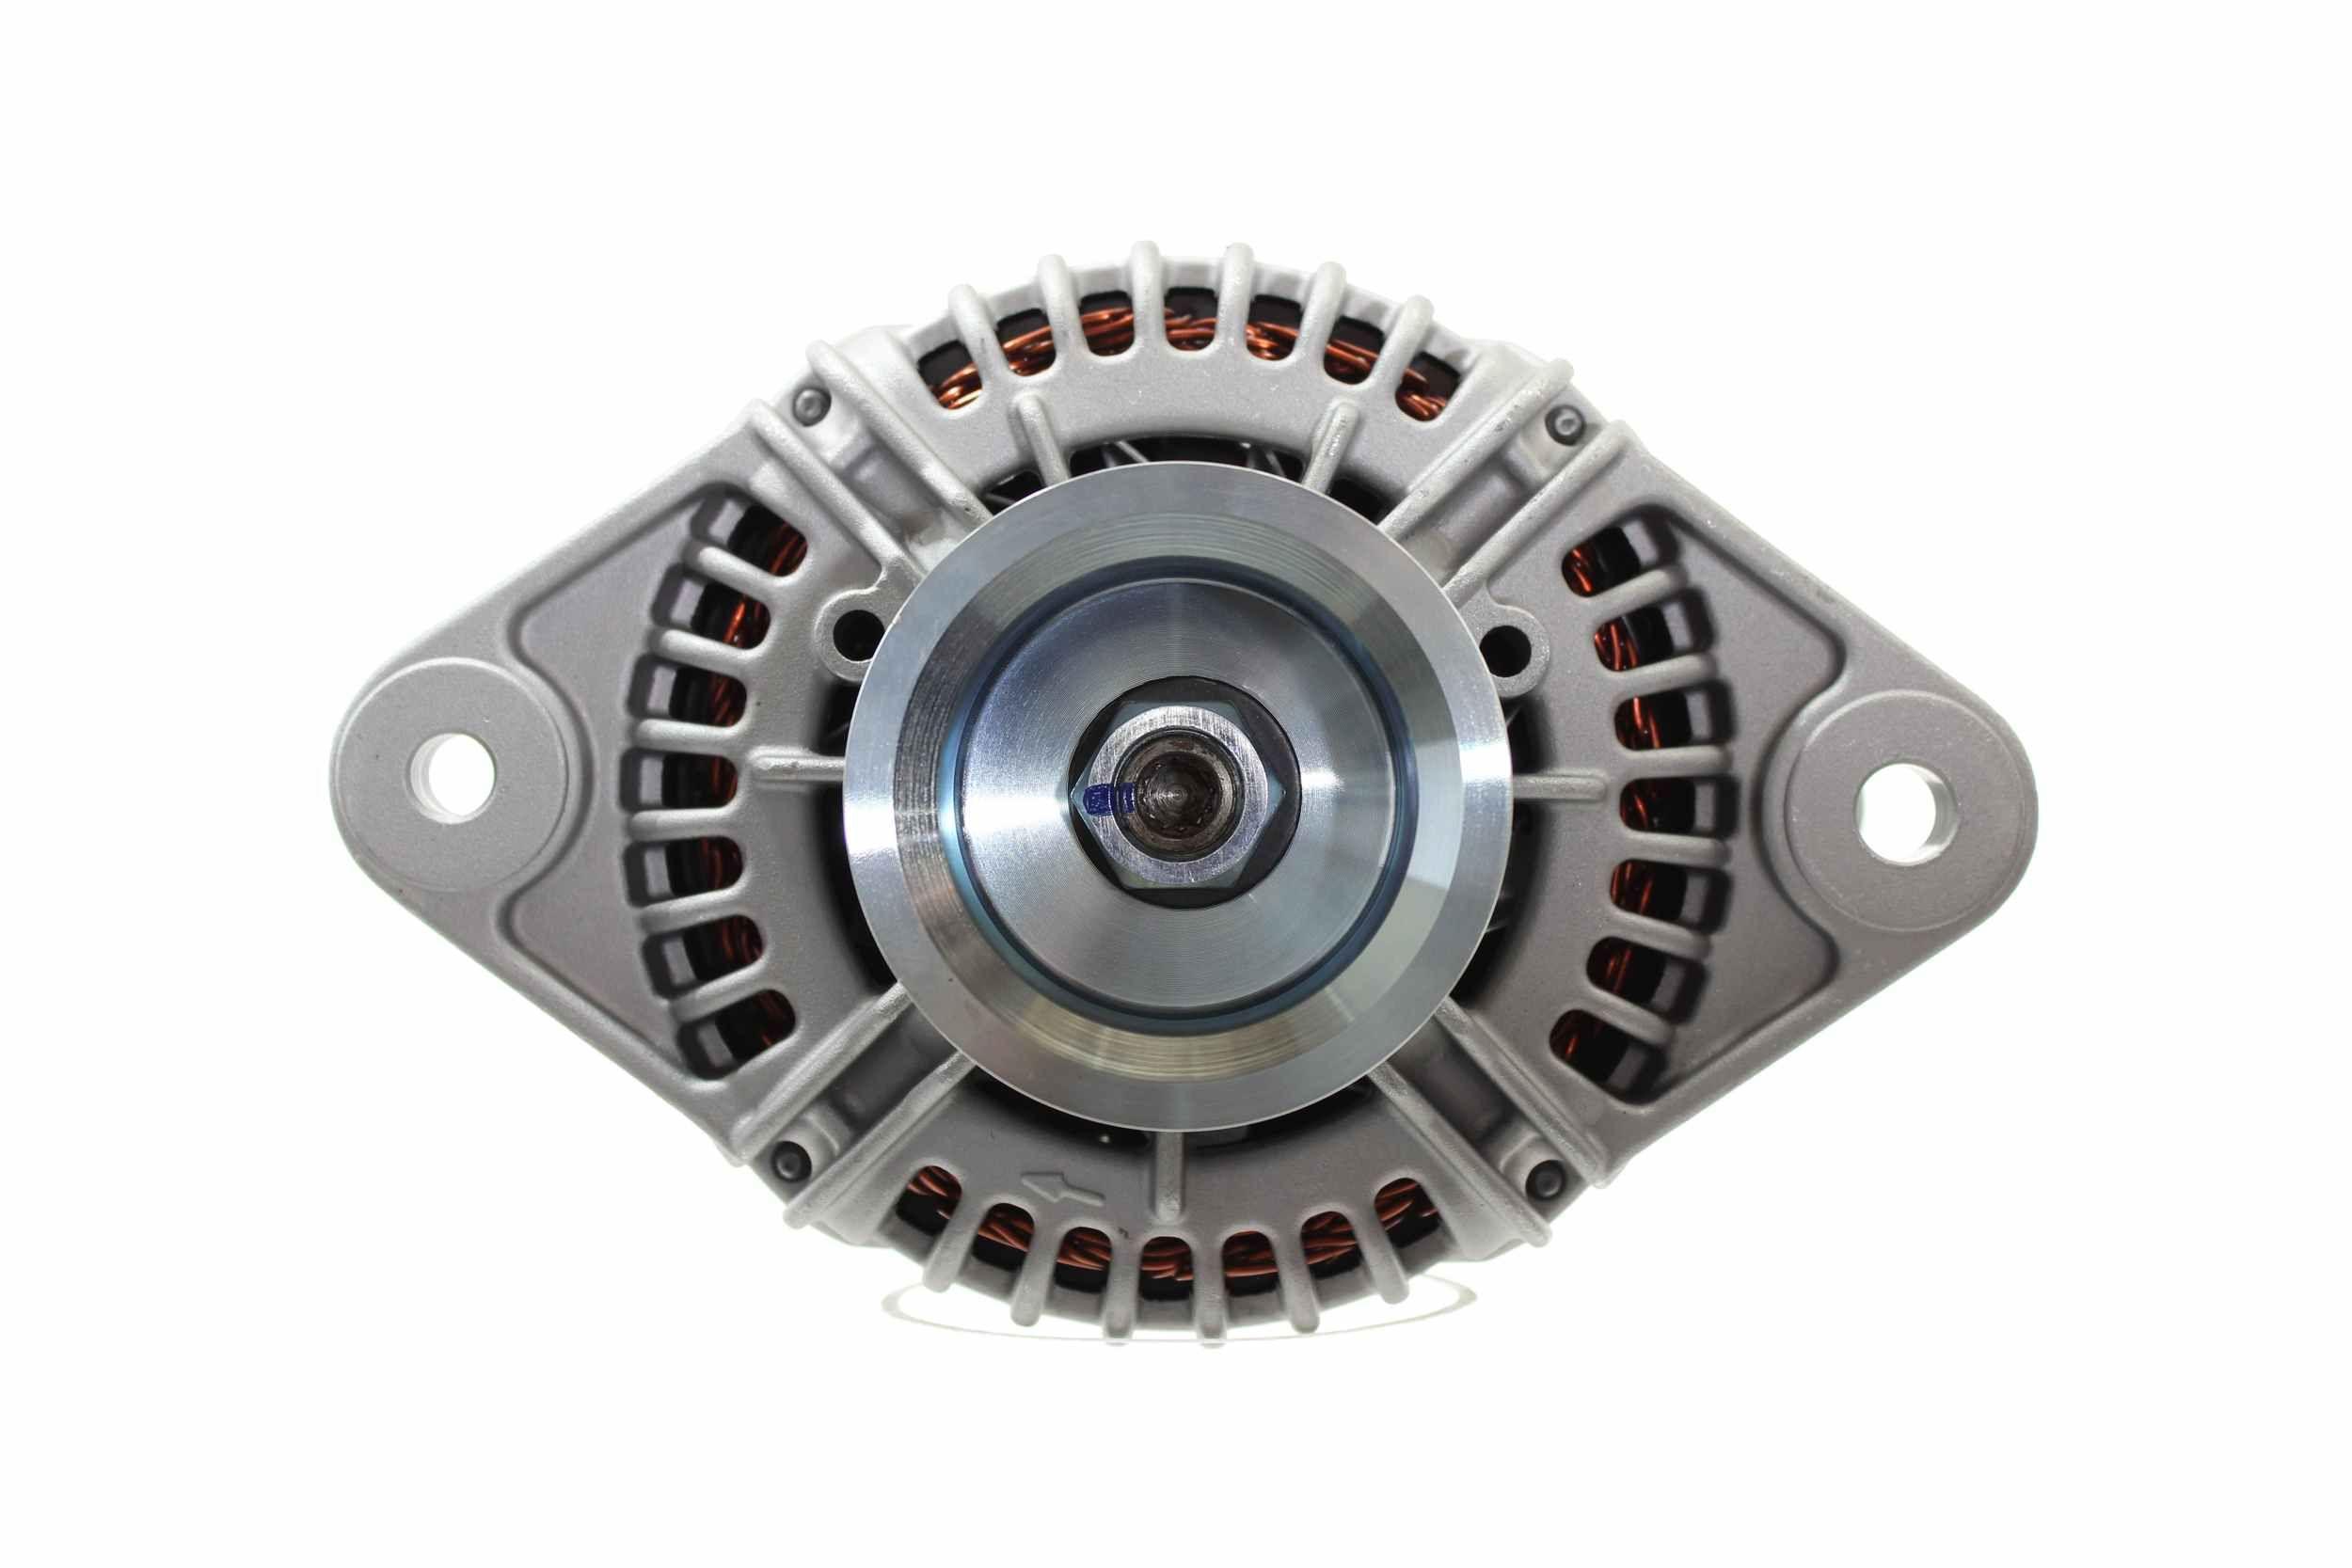 ALANKO Lichtmaschine für RENAULT TRUCKS - Artikelnummer: 10445038